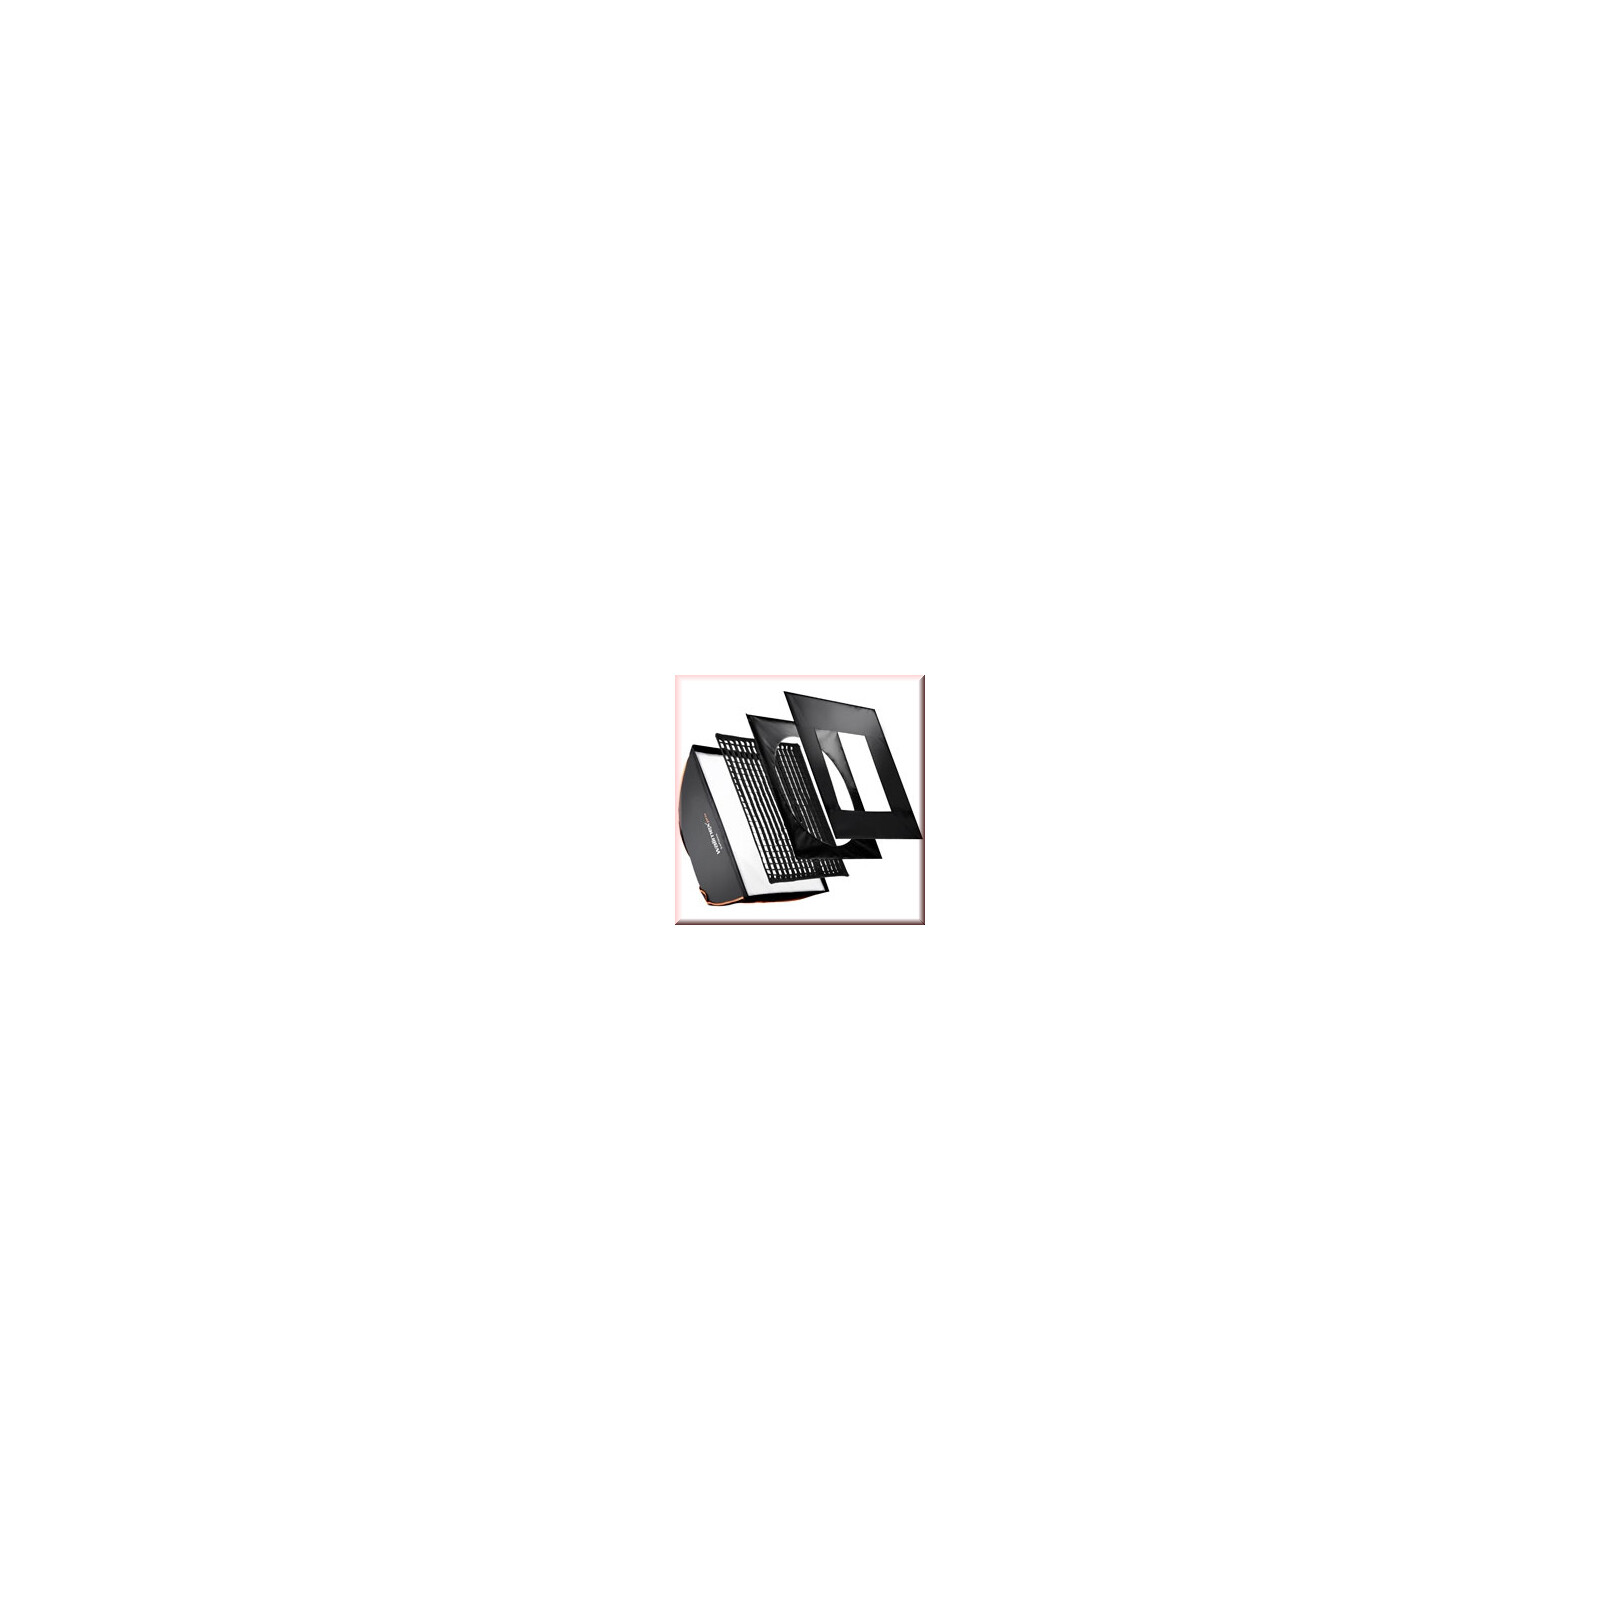 walimex pro Softbox PLUS OL 40x40cm Multiblitz V